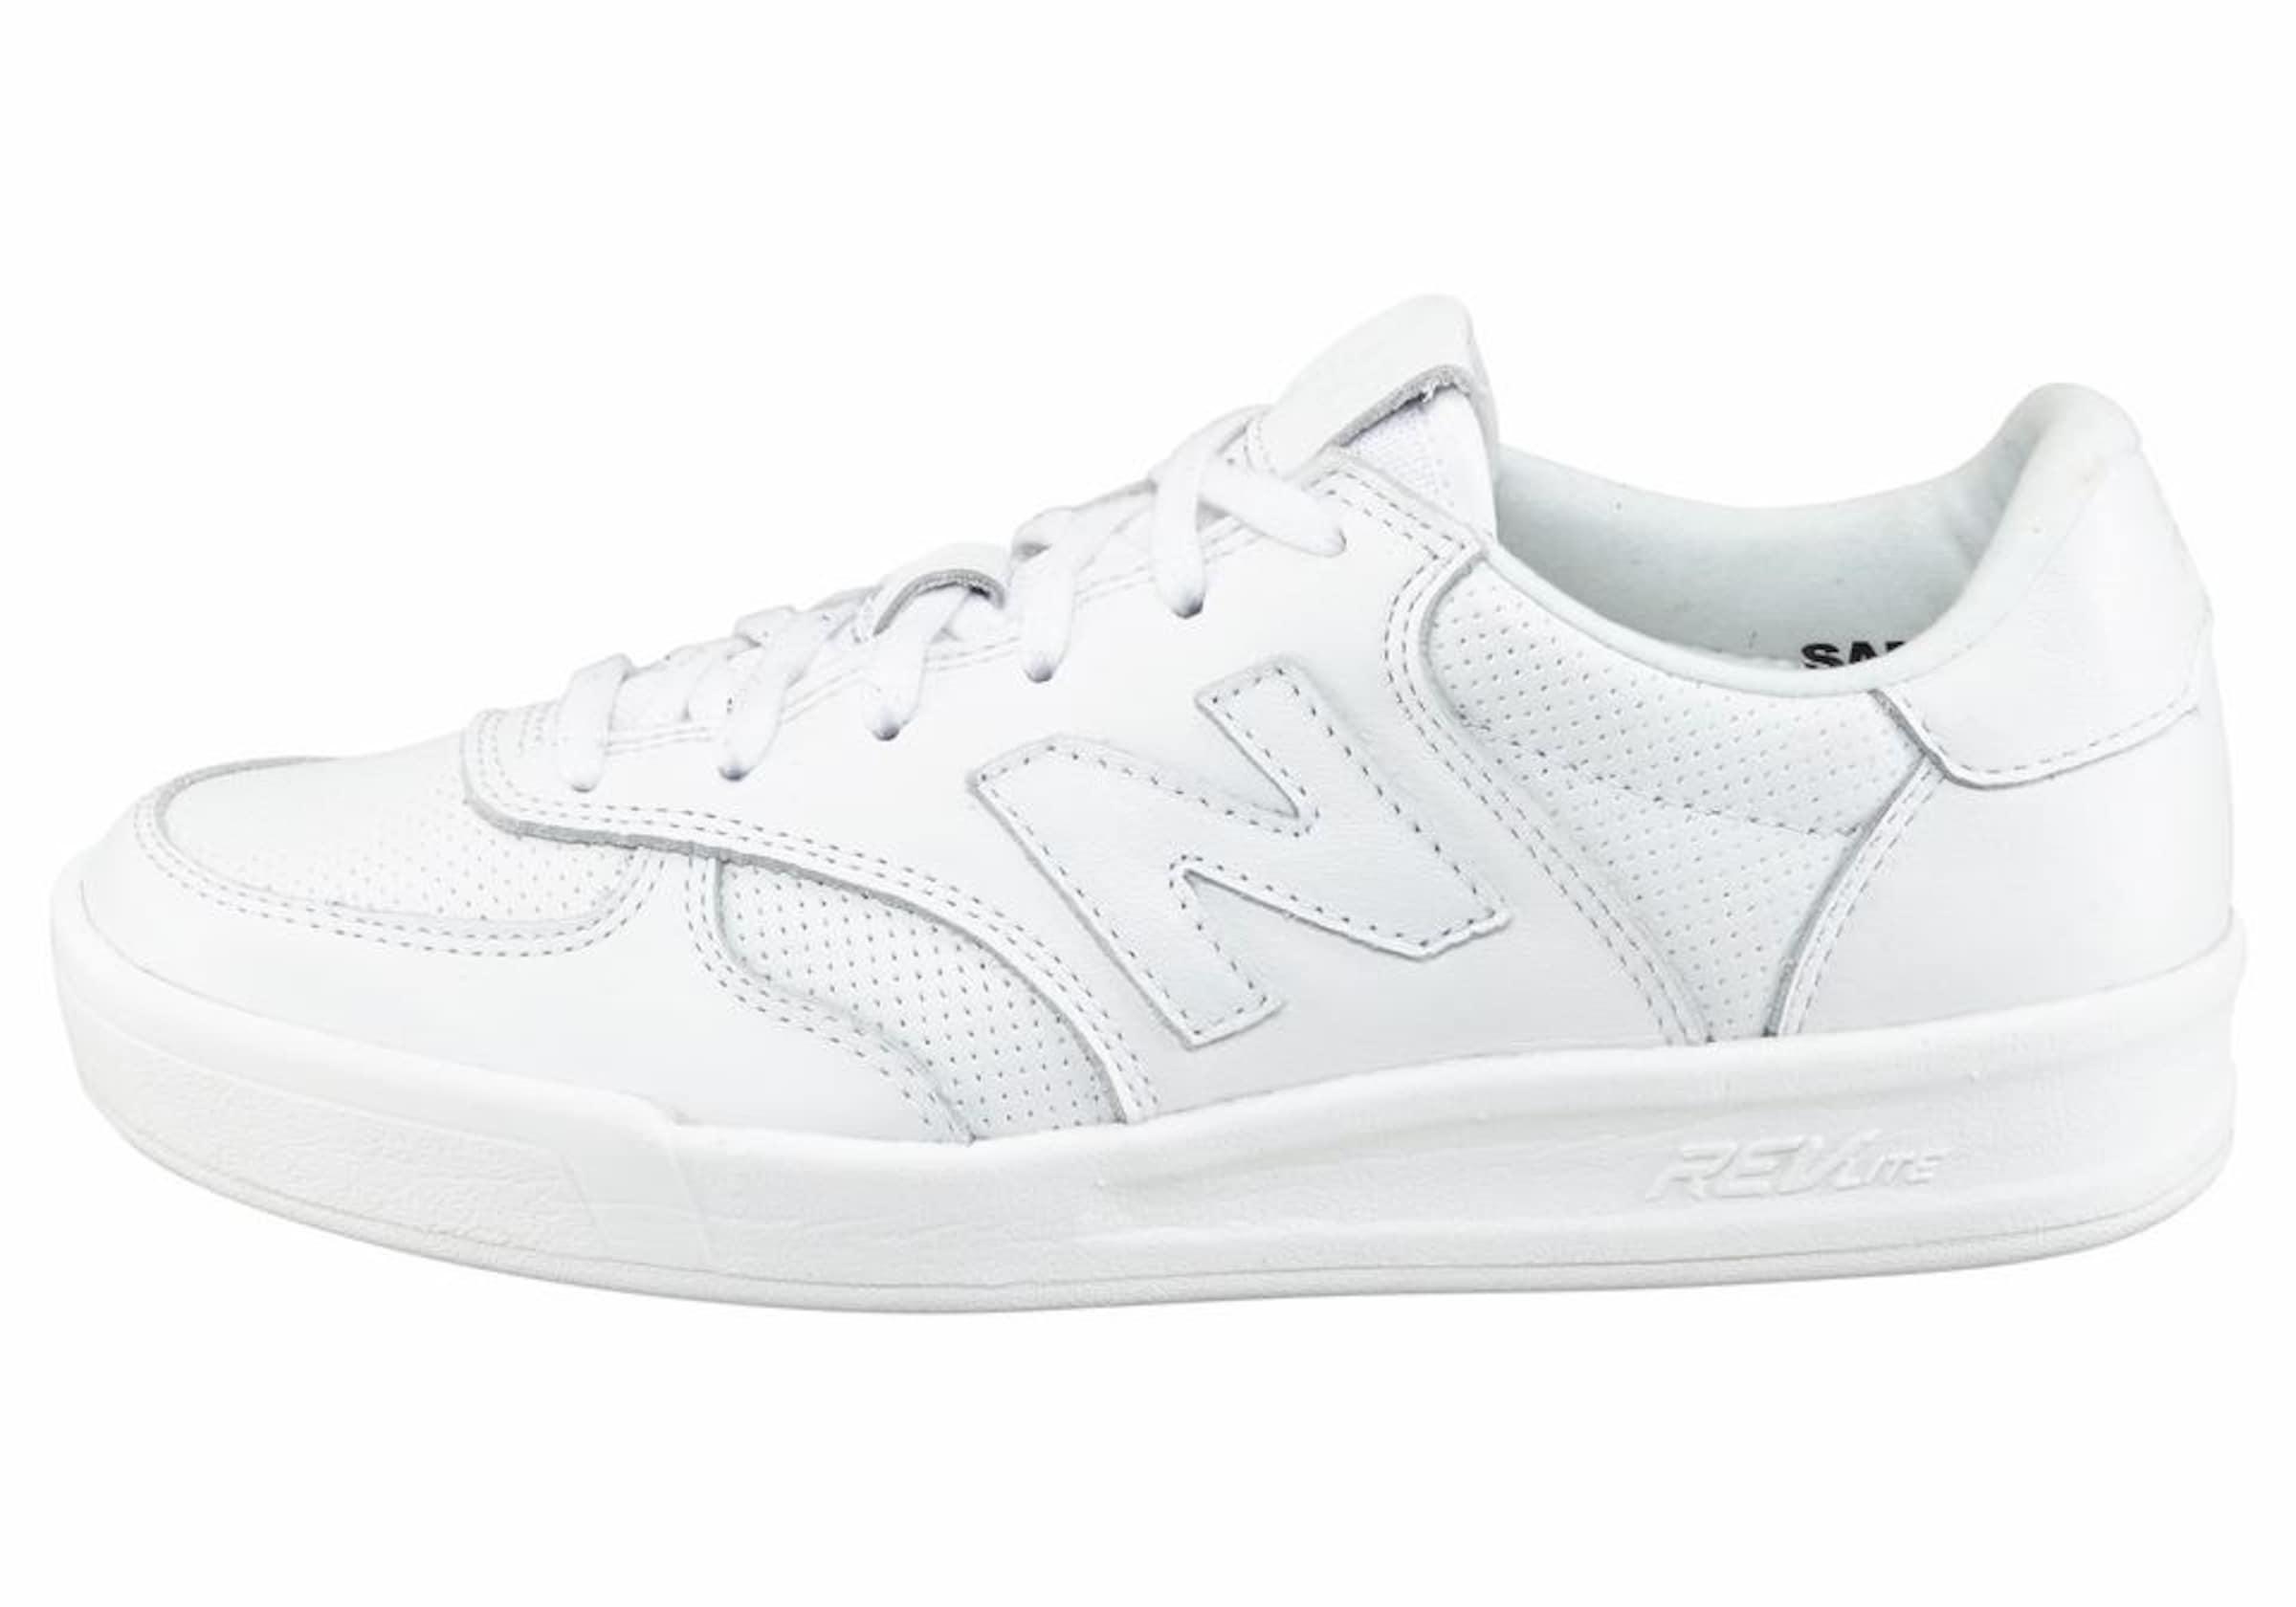 new balance Sneaker 'WRT300' Pay Online Mit Visa-Verkauf xwv1Mf